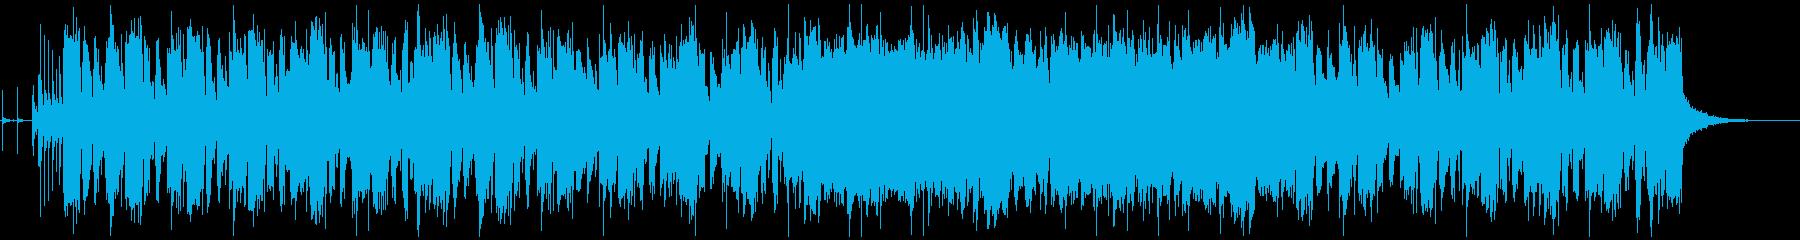 オーバードライブギターのロックな曲の再生済みの波形